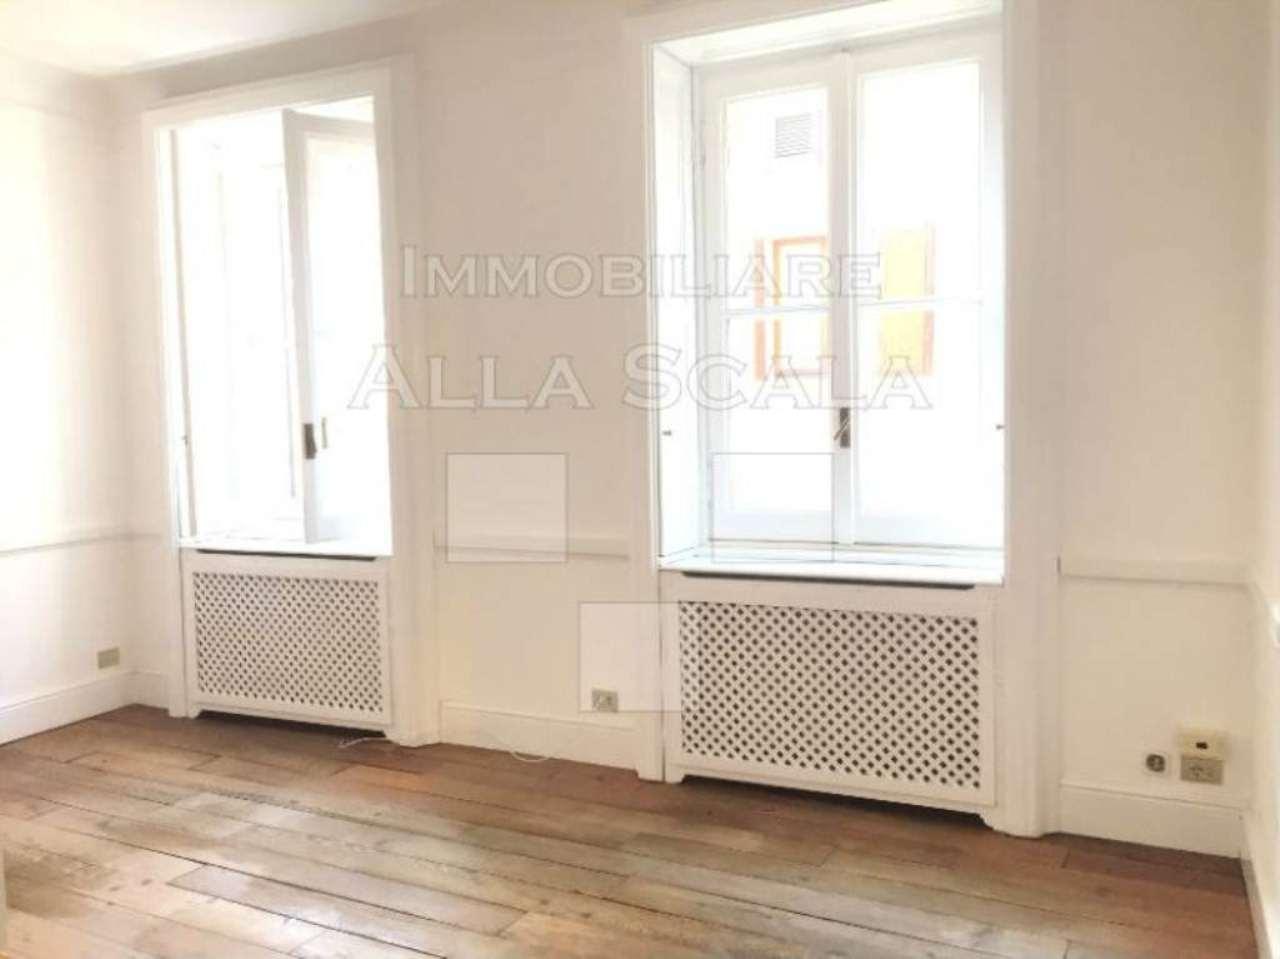 Appartamento in affitto a Milano, 4 locali, zona Zona: 1 . Centro Storico, Duomo, Brera, Cadorna, Cattolica, prezzo € 3.750 | Cambio Casa.it